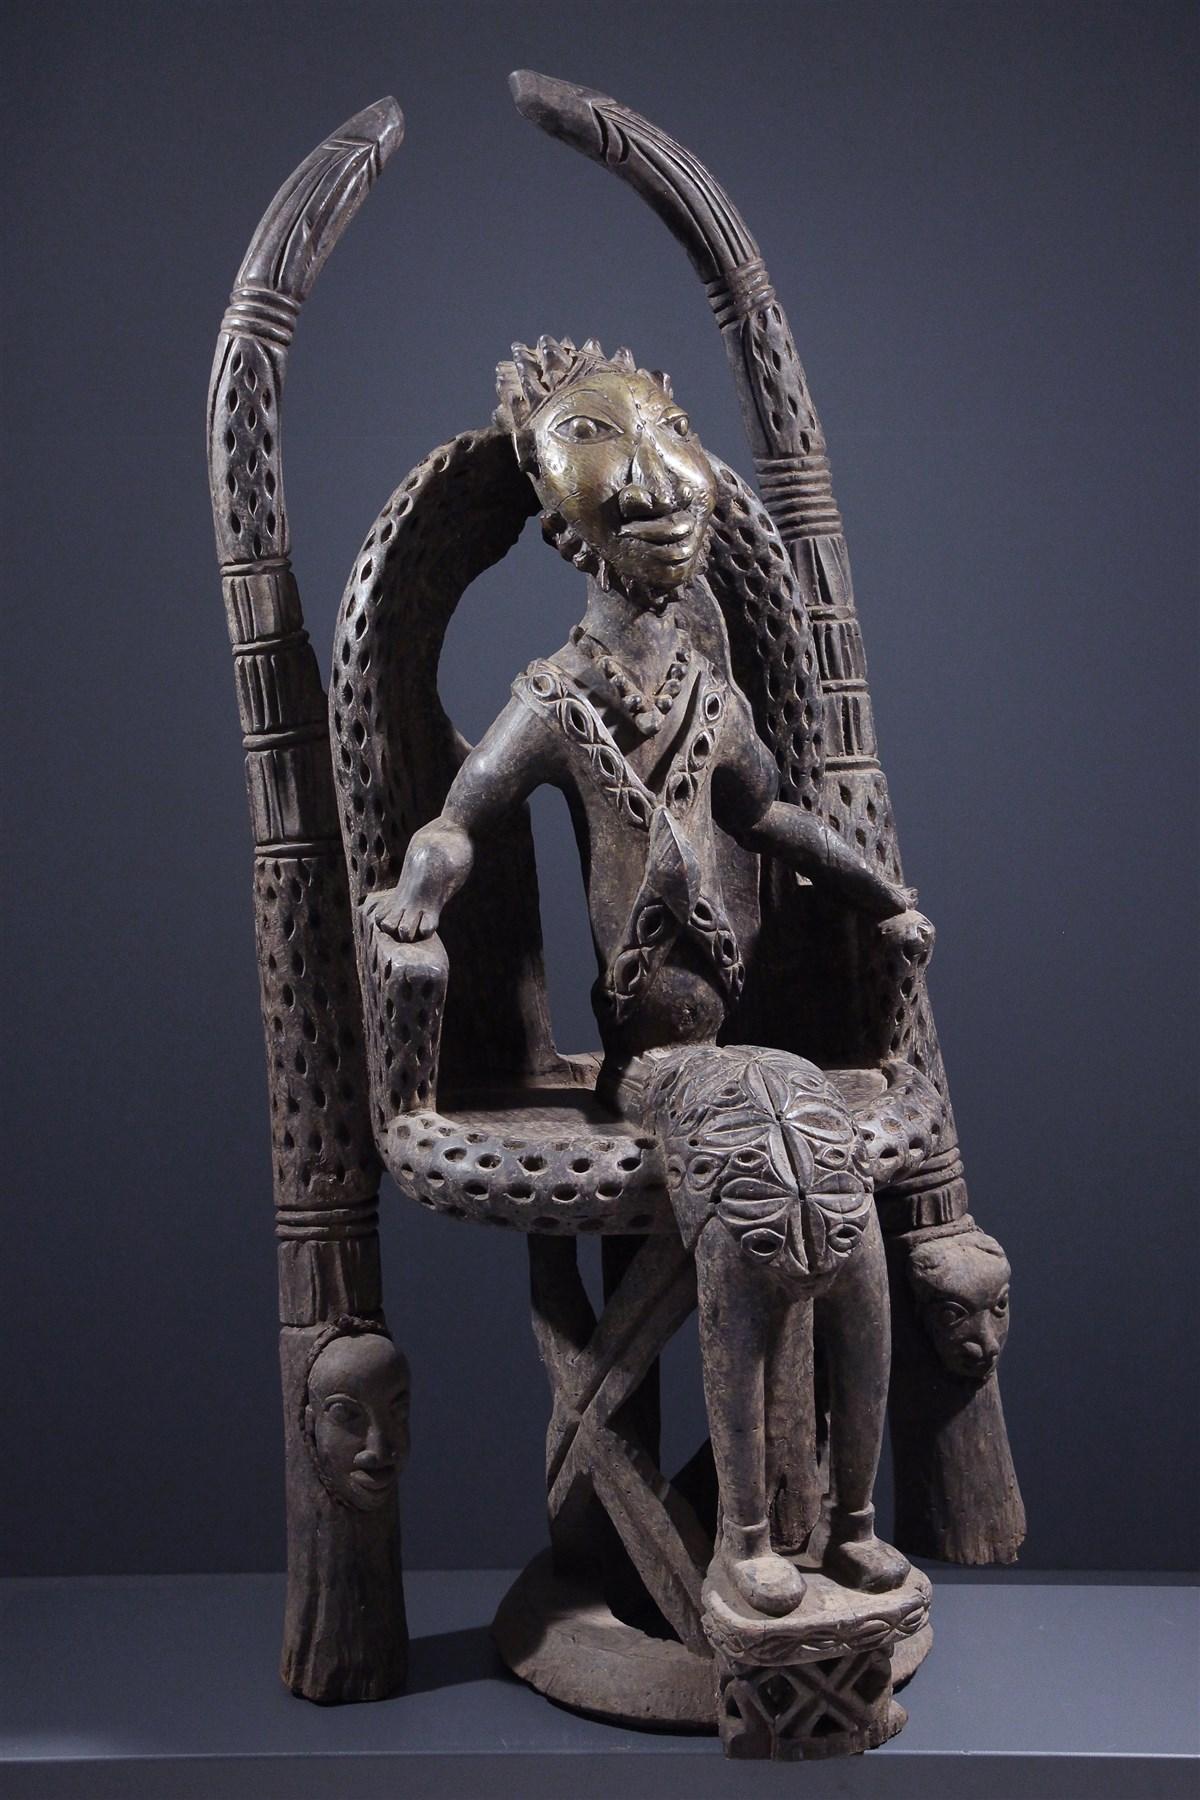 Dignitaire Bamoun sur son trône - Art tribal